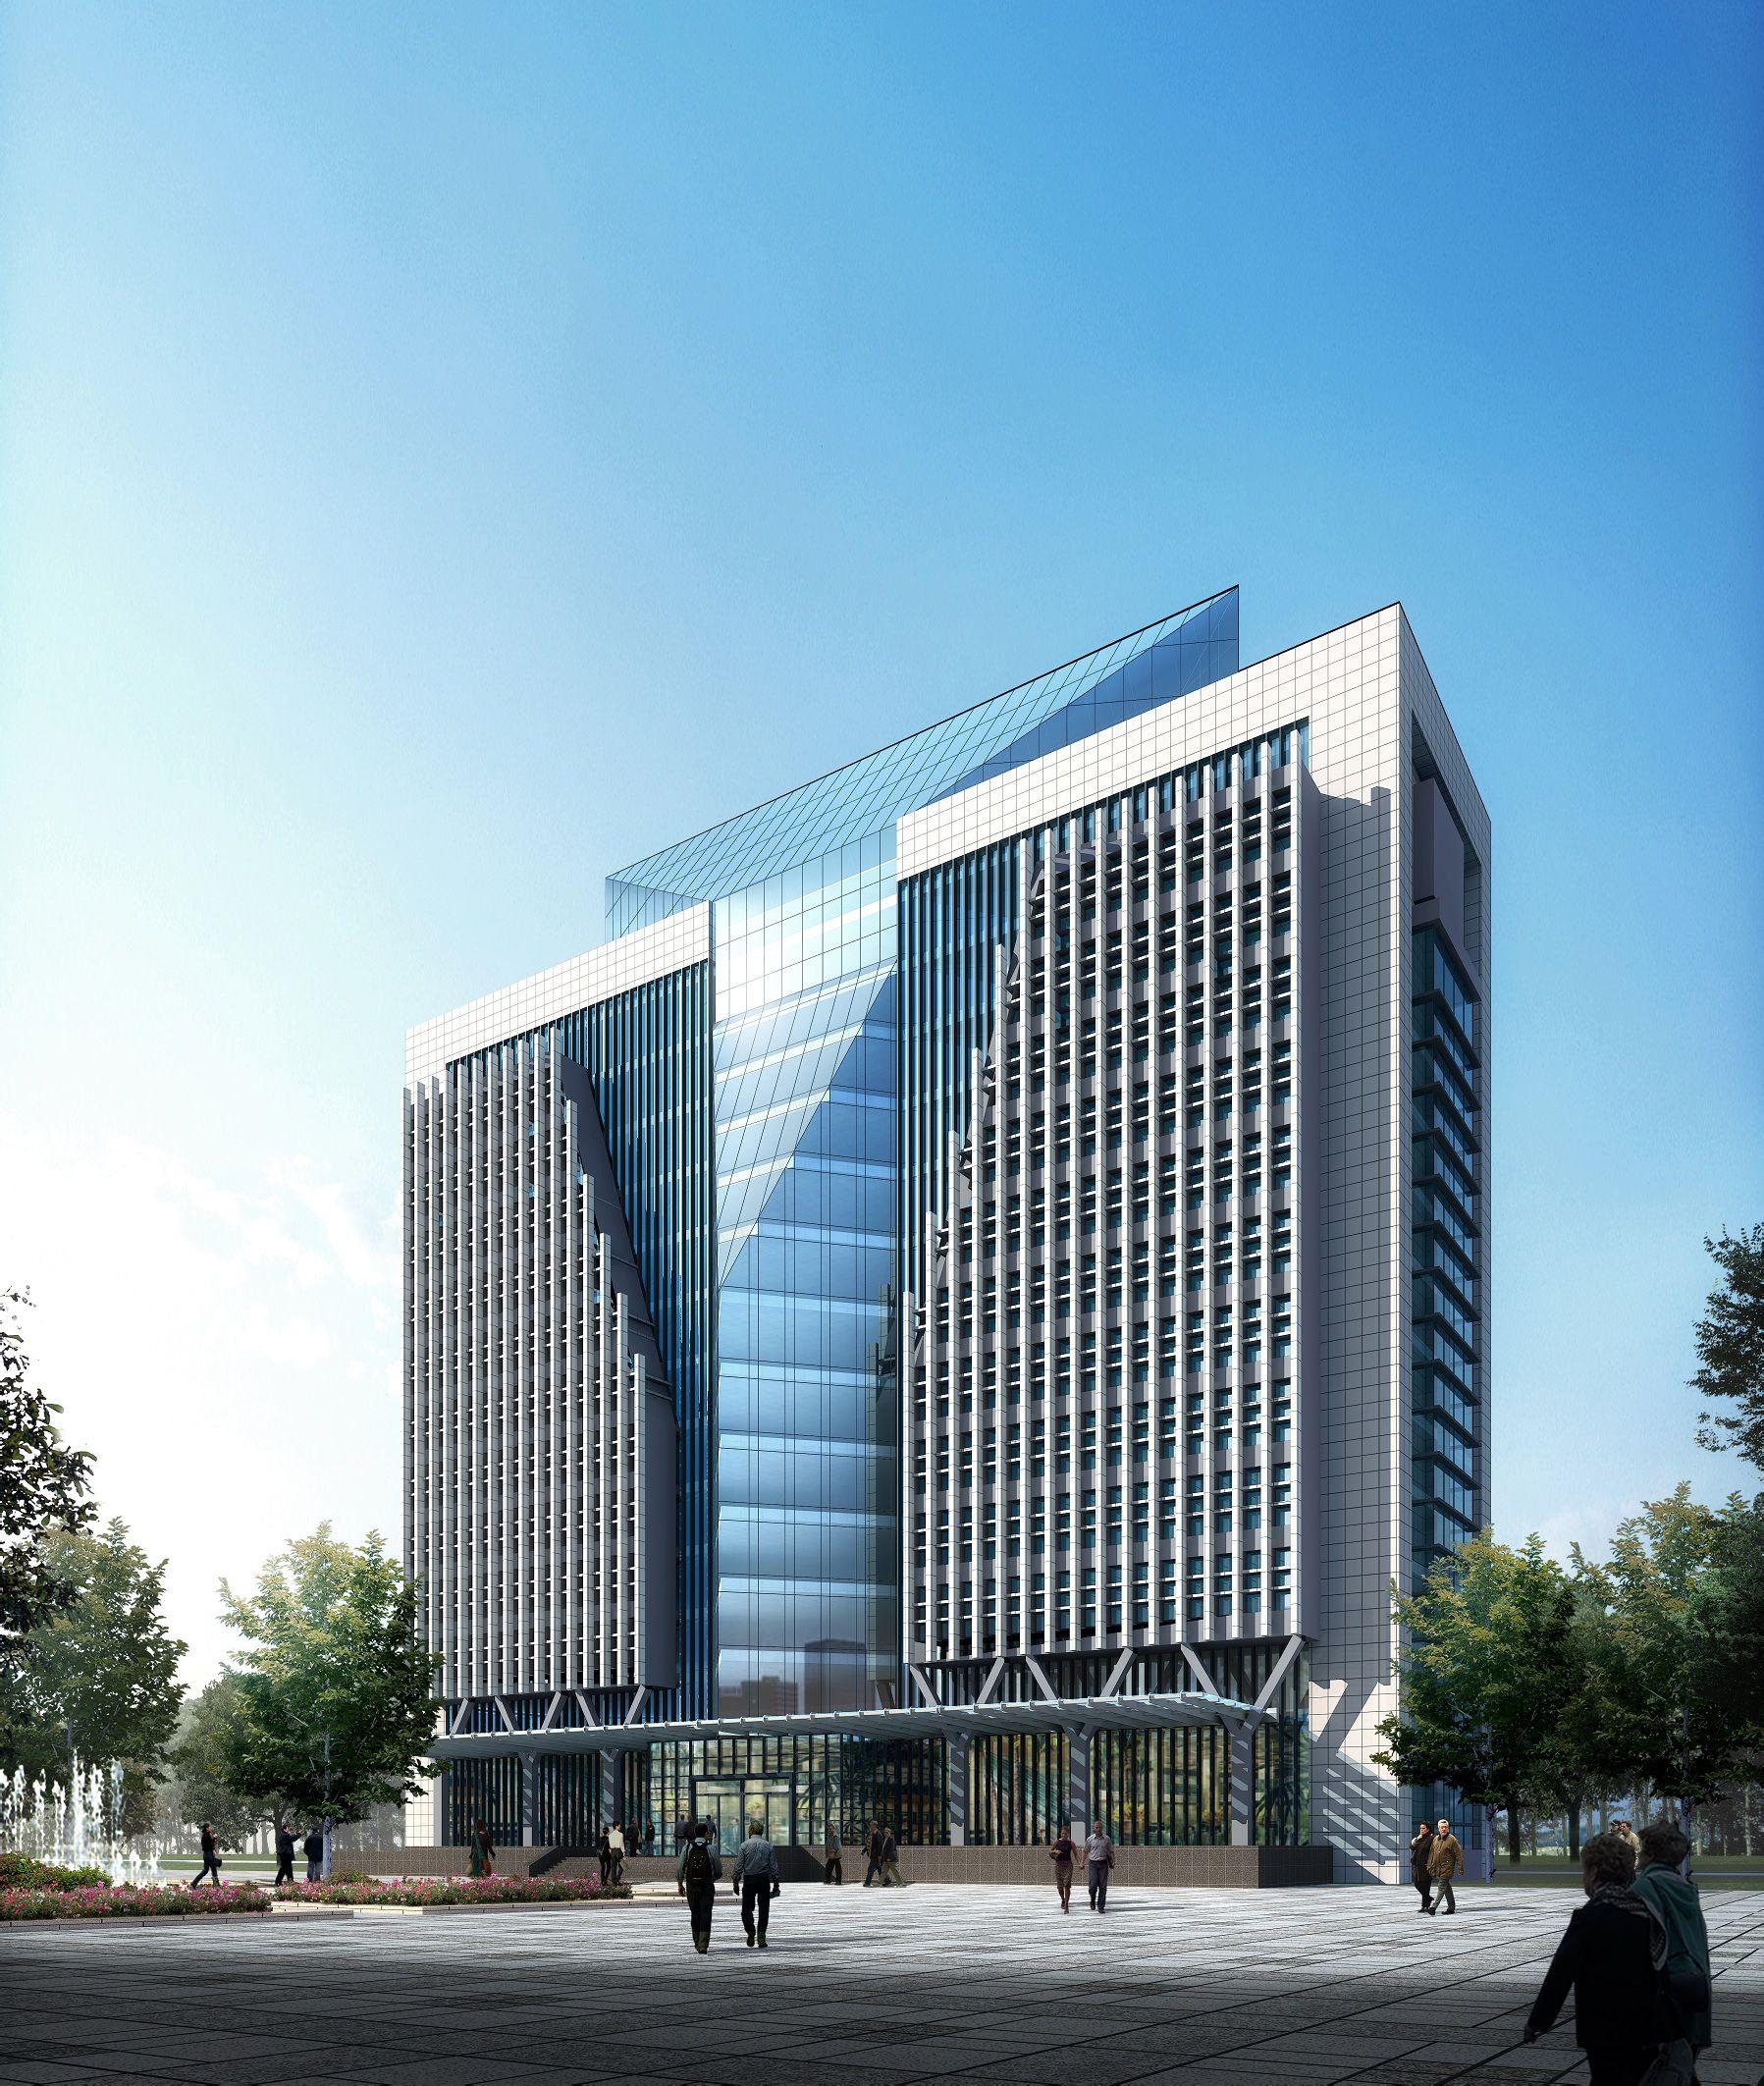 玻璃建筑效果图_ps 效果图中建筑物玻璃的高光如何制作_百度知道